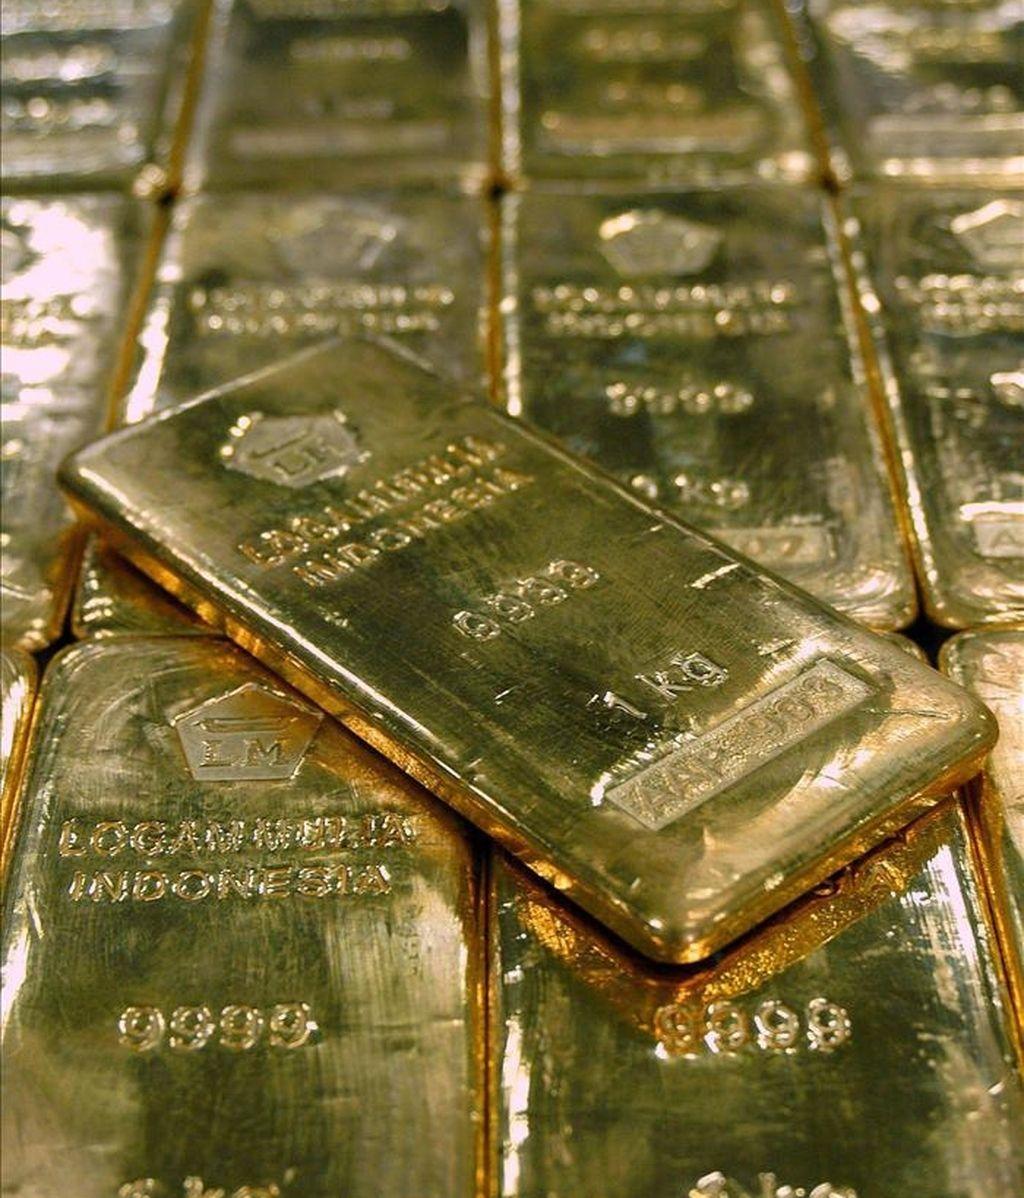 Vista de algunos lingotes de oro. EFE/Archivo